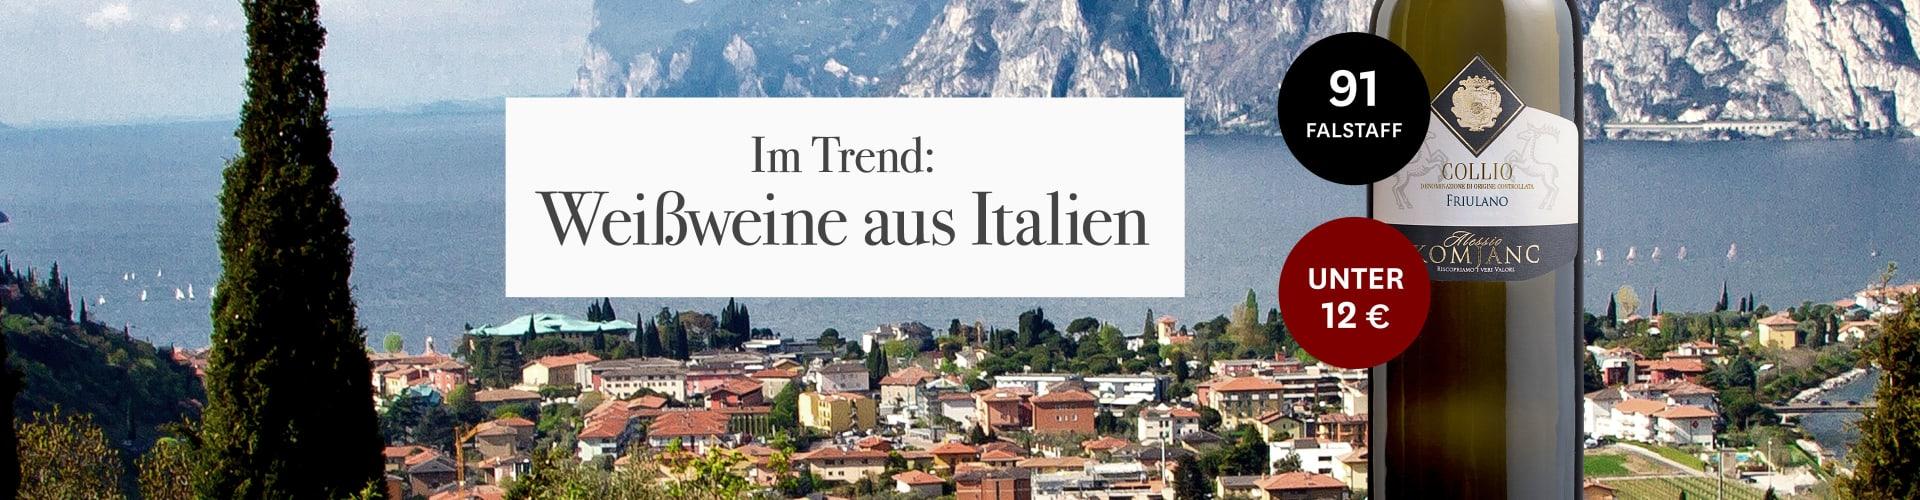 Weißwein aus Italien vor malerischem See mit Bergen